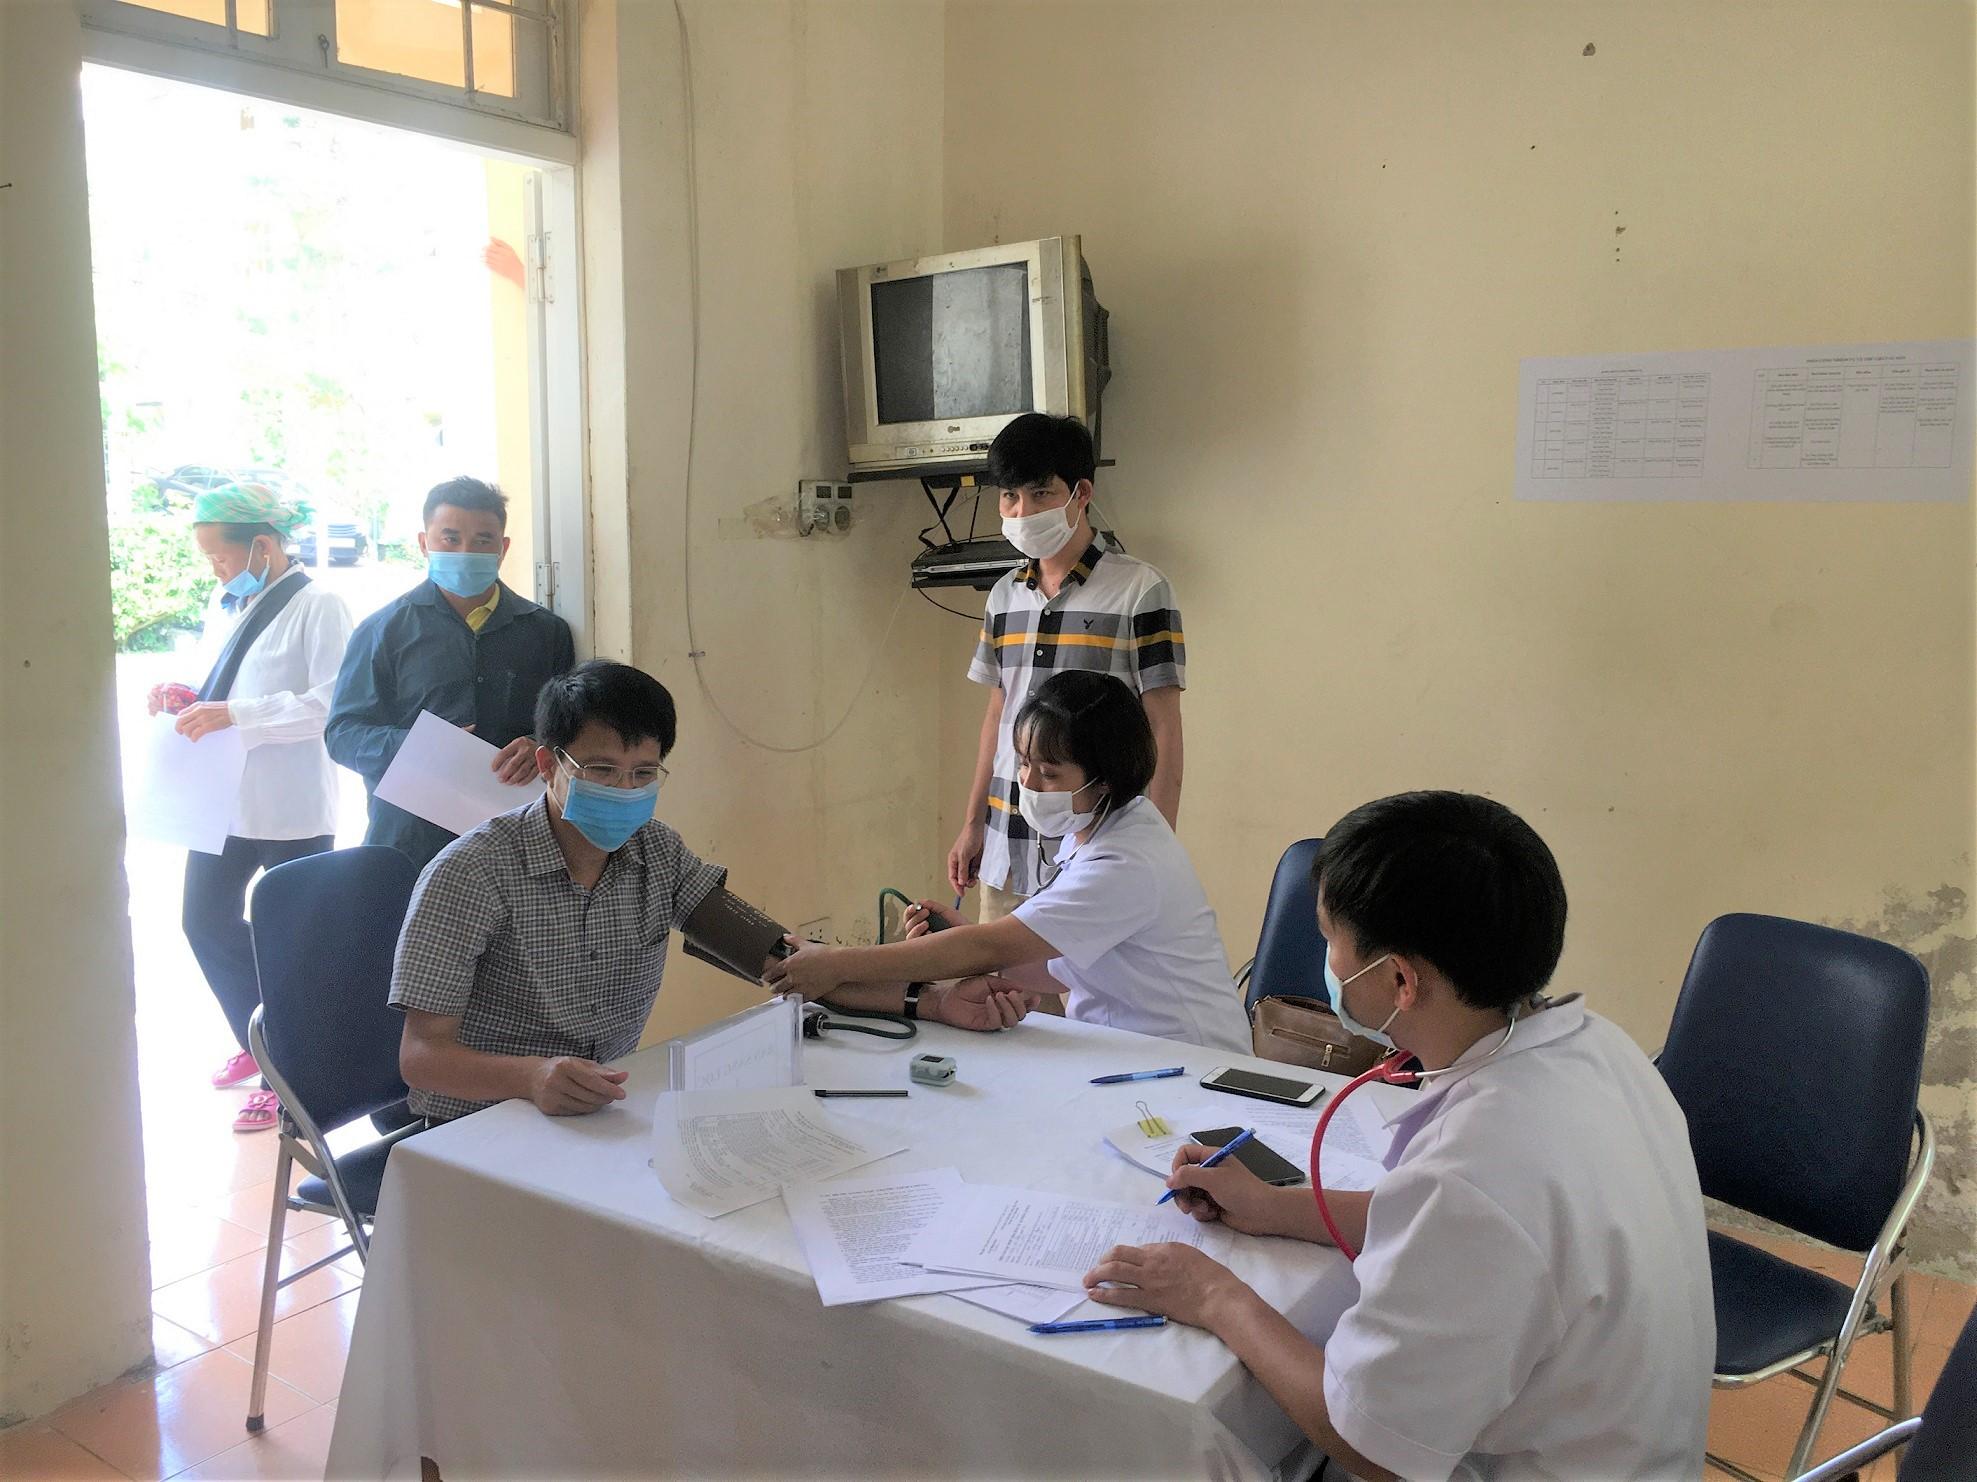 Ông Hoàng Văn Khoa, Phó Chủ tịch UBND, Phó trưởng Ban Chỉ đạo phòng chống Covid-19 huyện Bắc Hà đang khám sức khỏe trước khi tiêm vắc xin